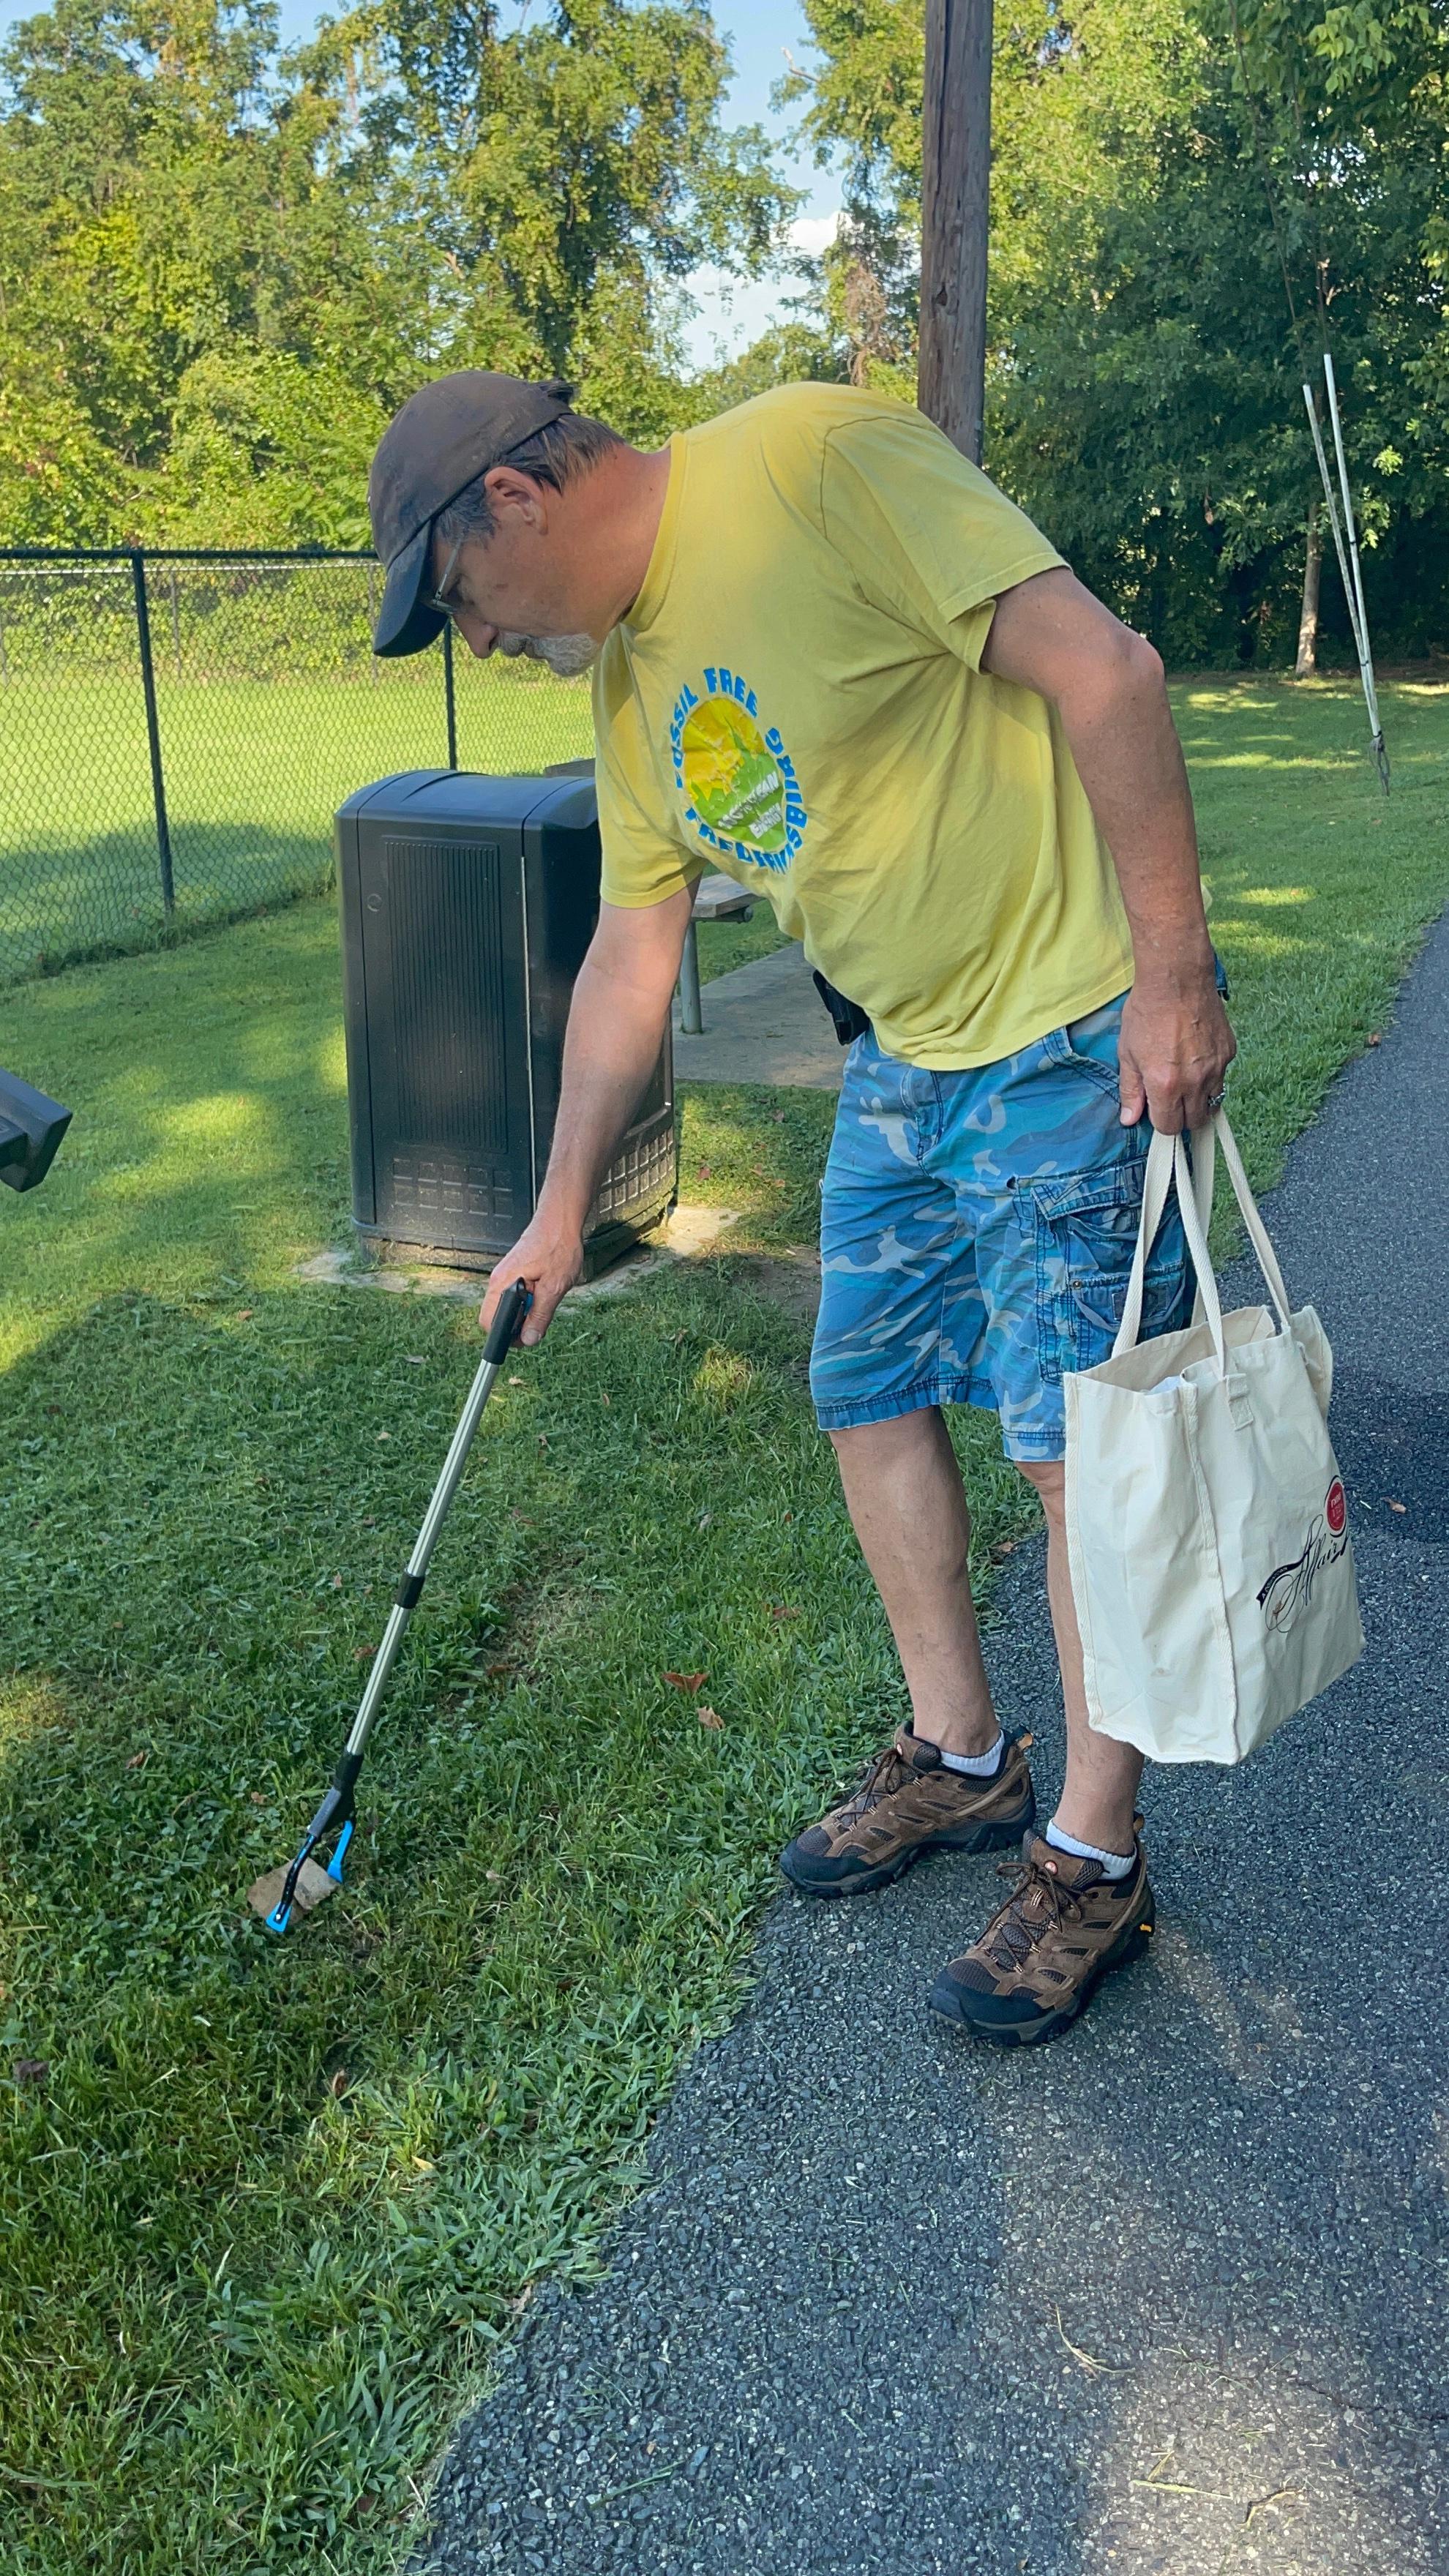 Jon picking up trash